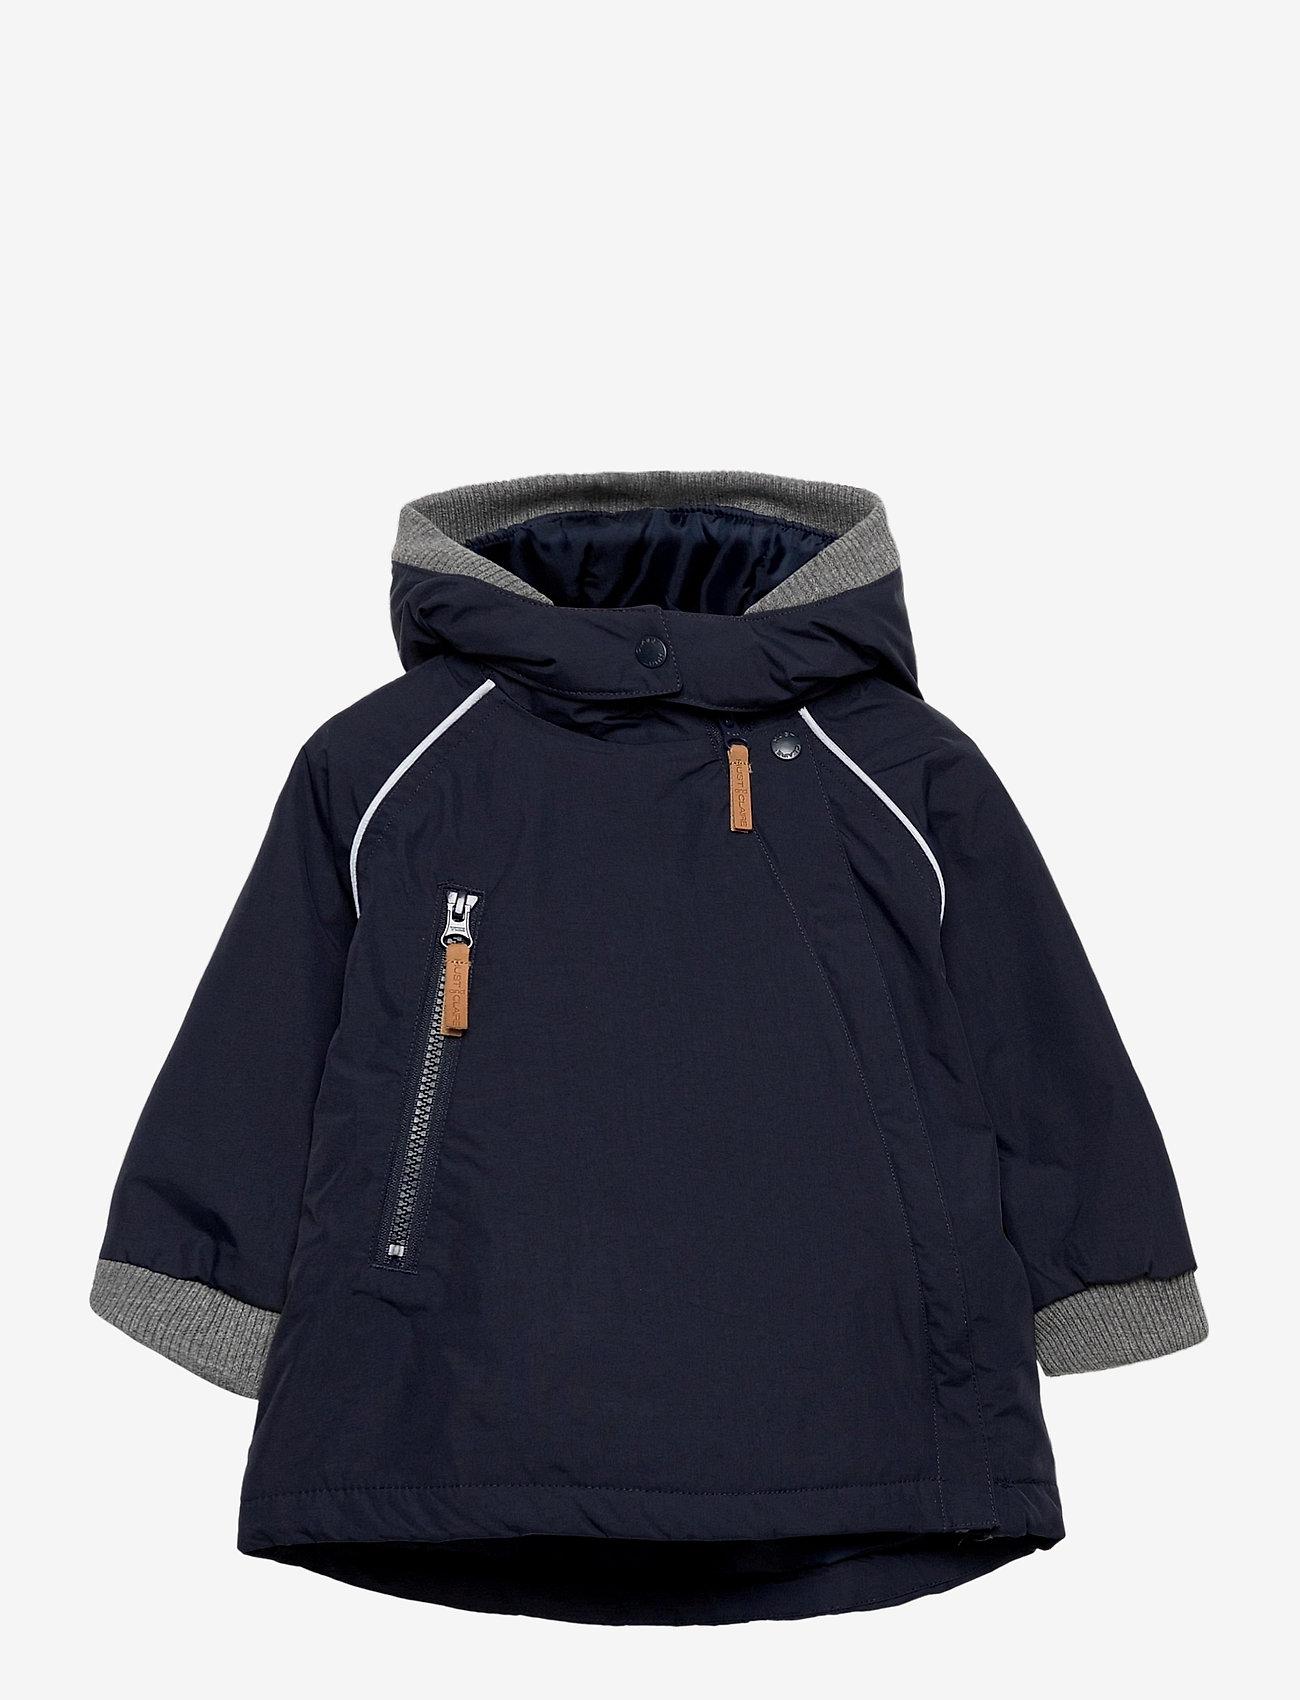 Hust & Claire - Obi - Jacket - dunjakker & forede jakker - navy - 0